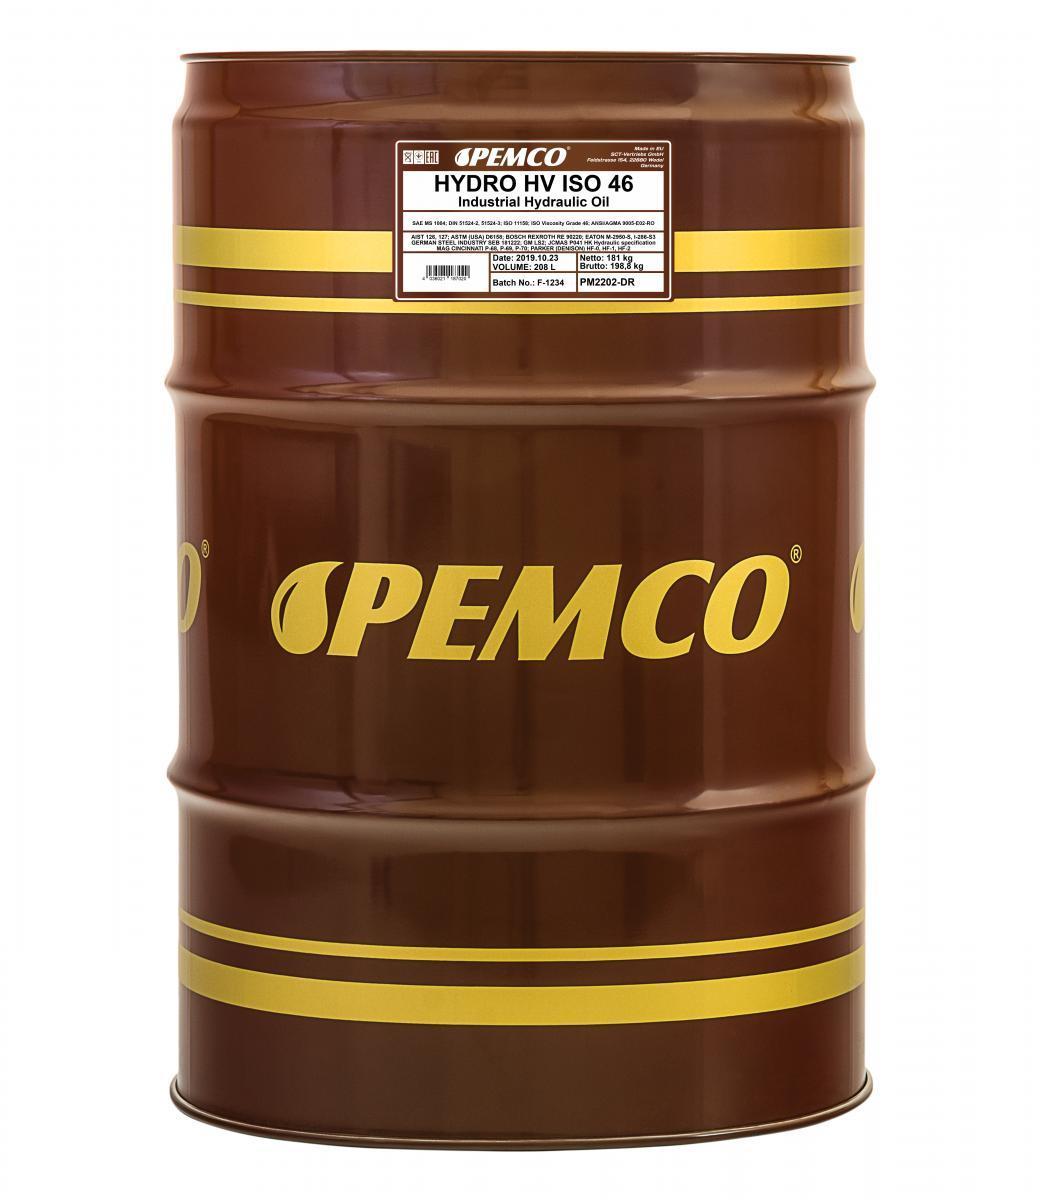 Iegādāties PEMCO Hidrauliskā eļļa PM2202-DR kravas auto